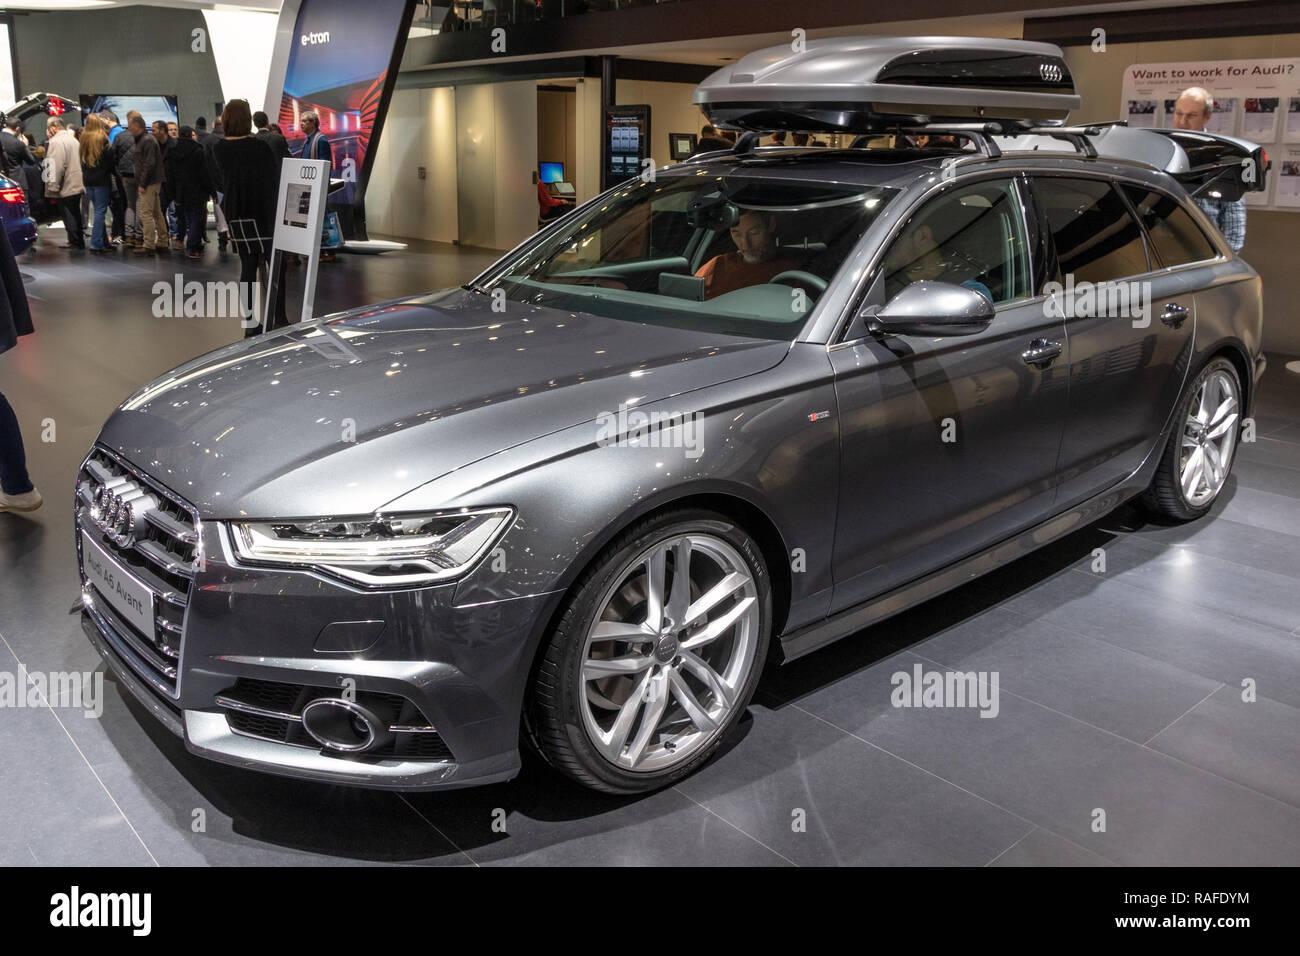 Kelebihan Kekurangan Audi A6 Avant 2017 Murah Berkualitas